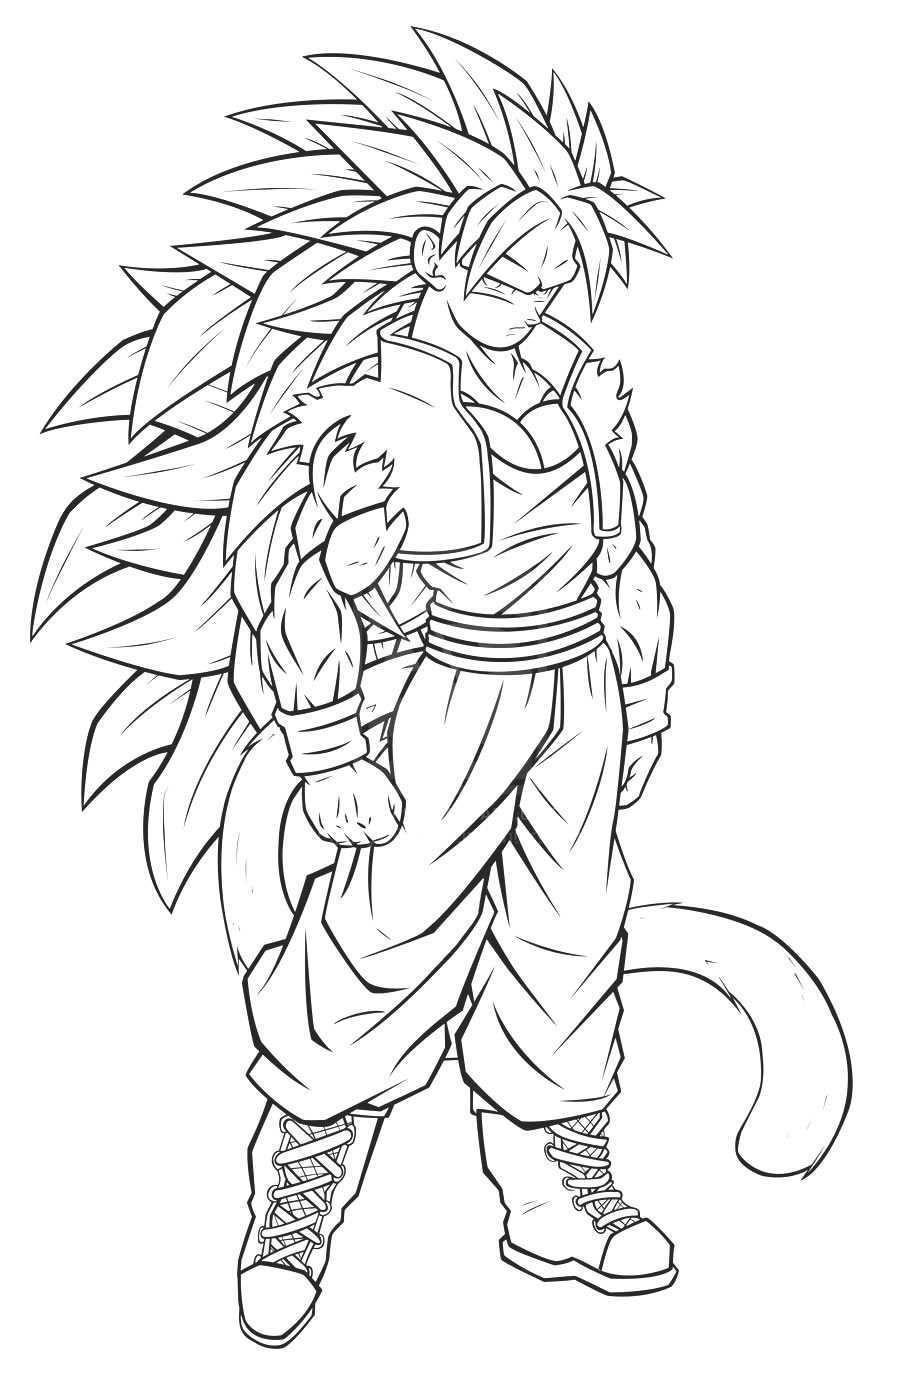 Imagenes De Goku Y Sus Transformaciones Para Colorear Colorear